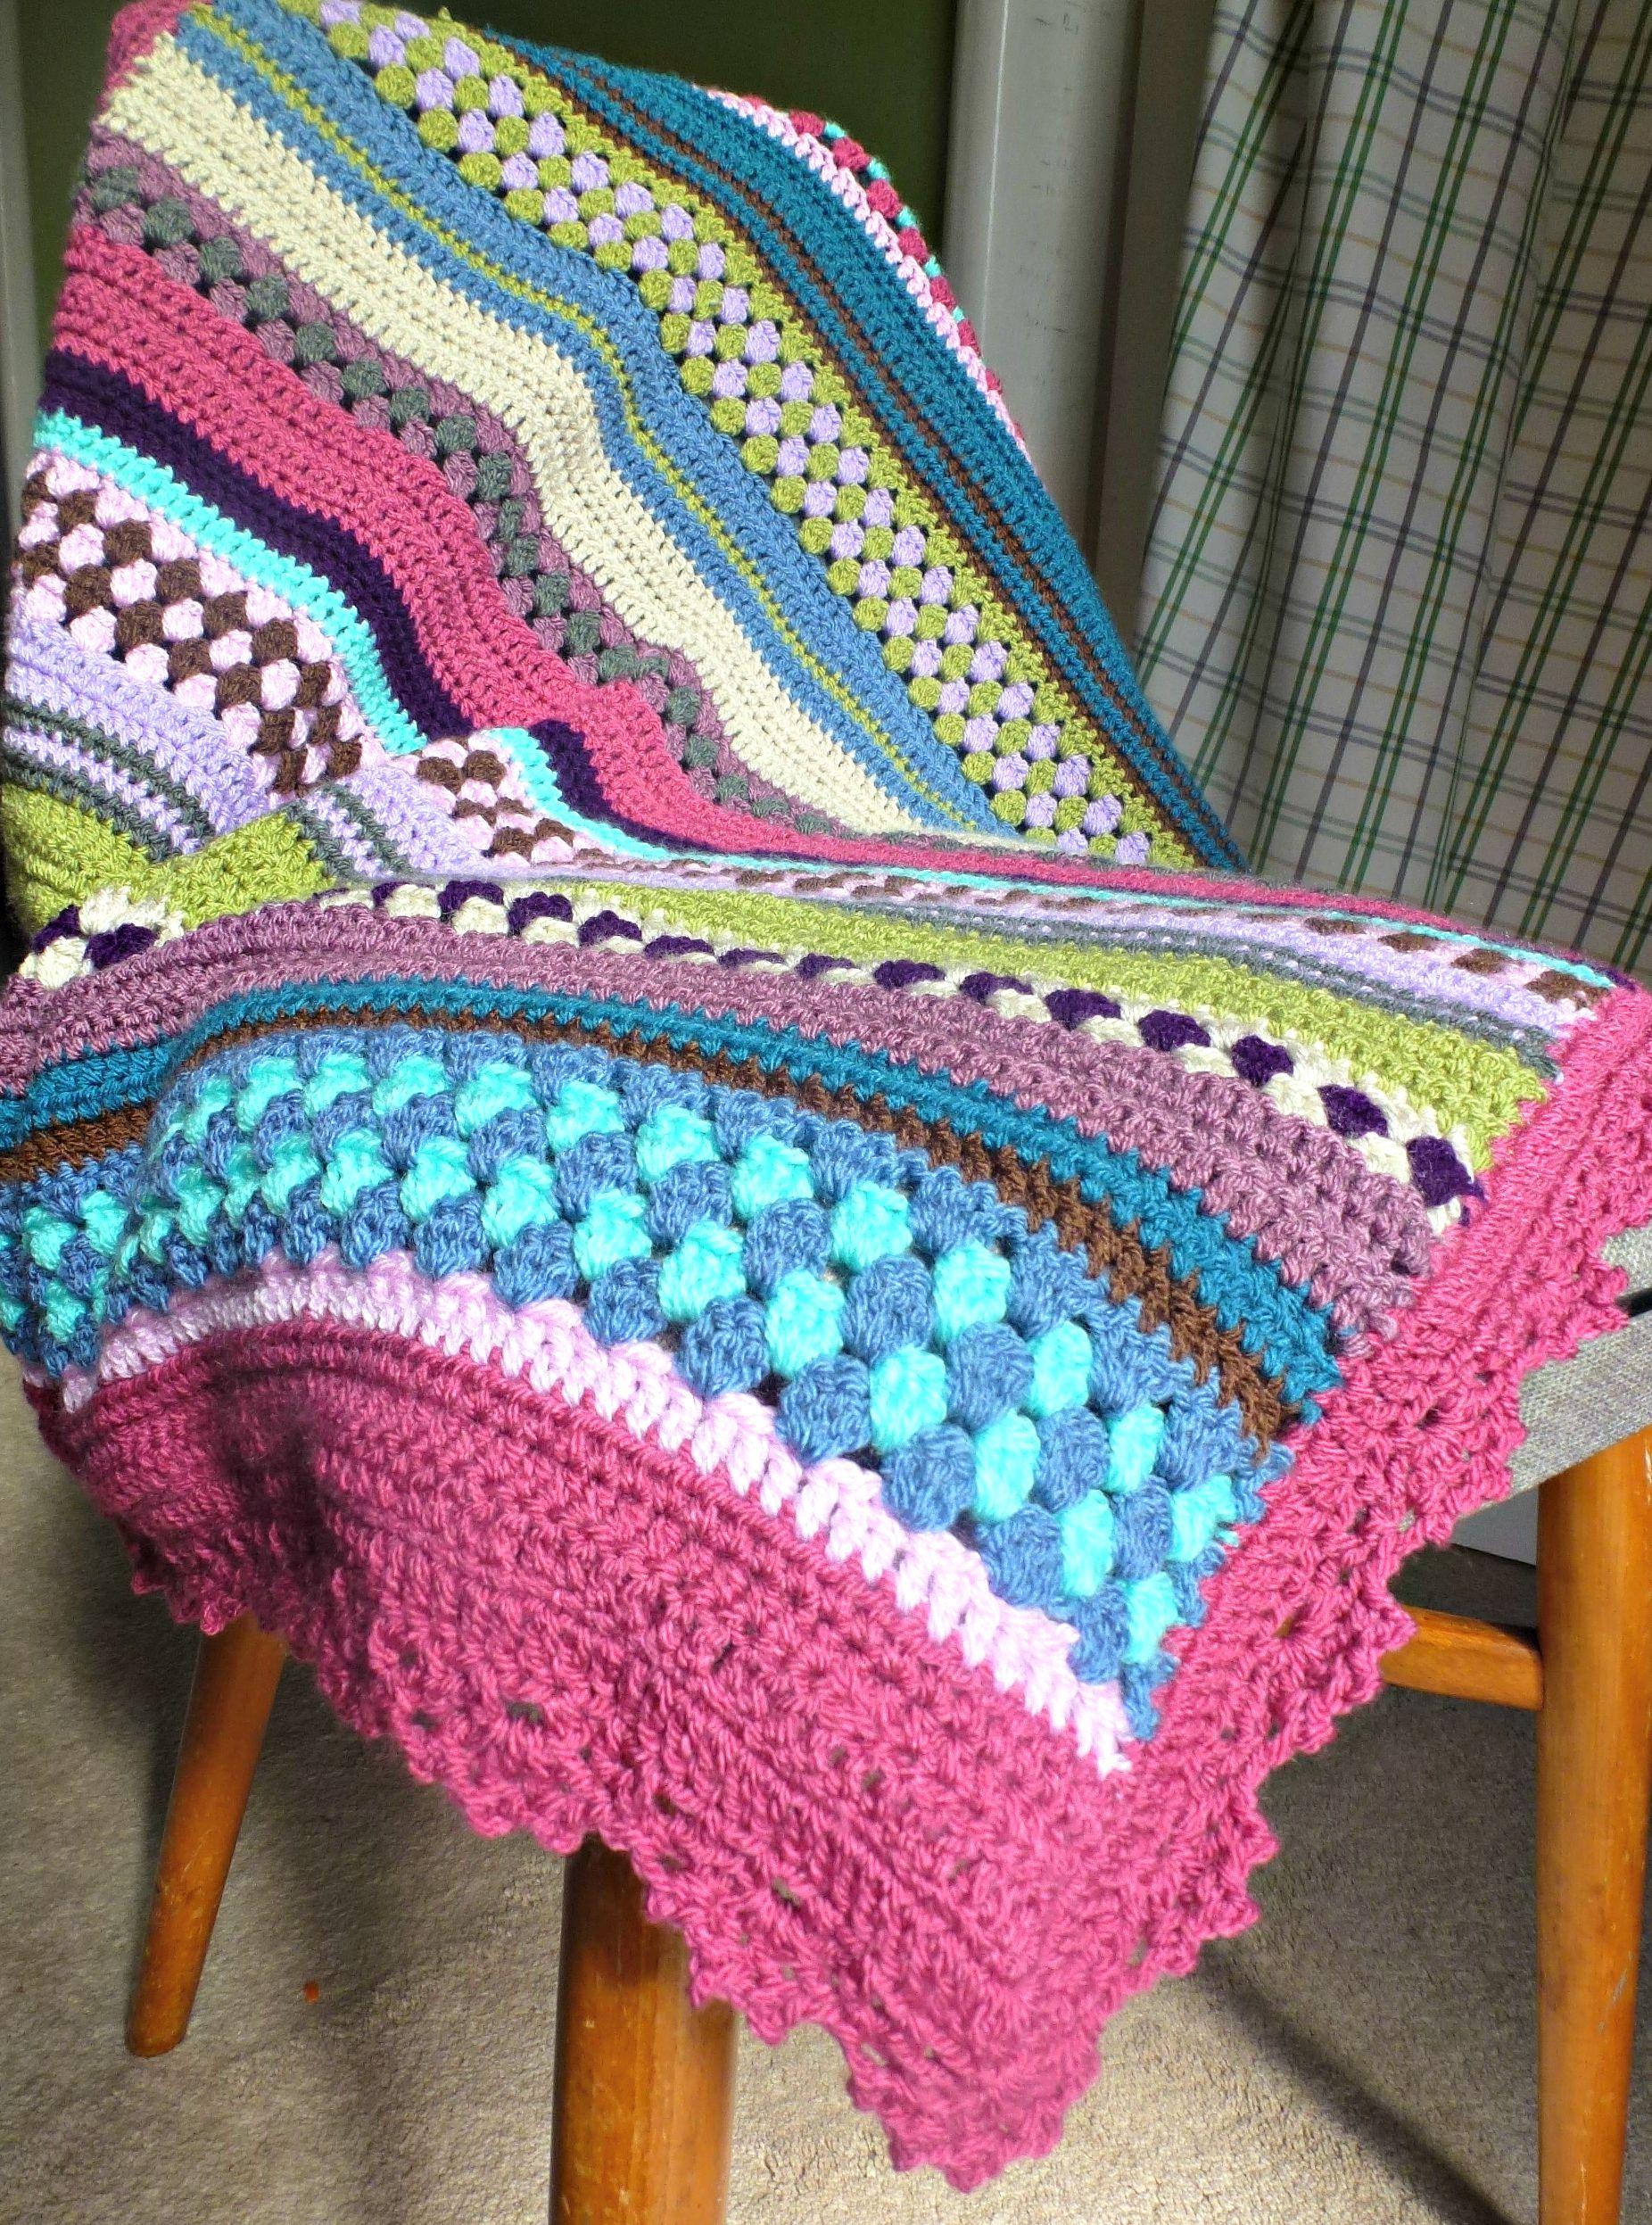 crochet baby blanket ? Zeens and Roger